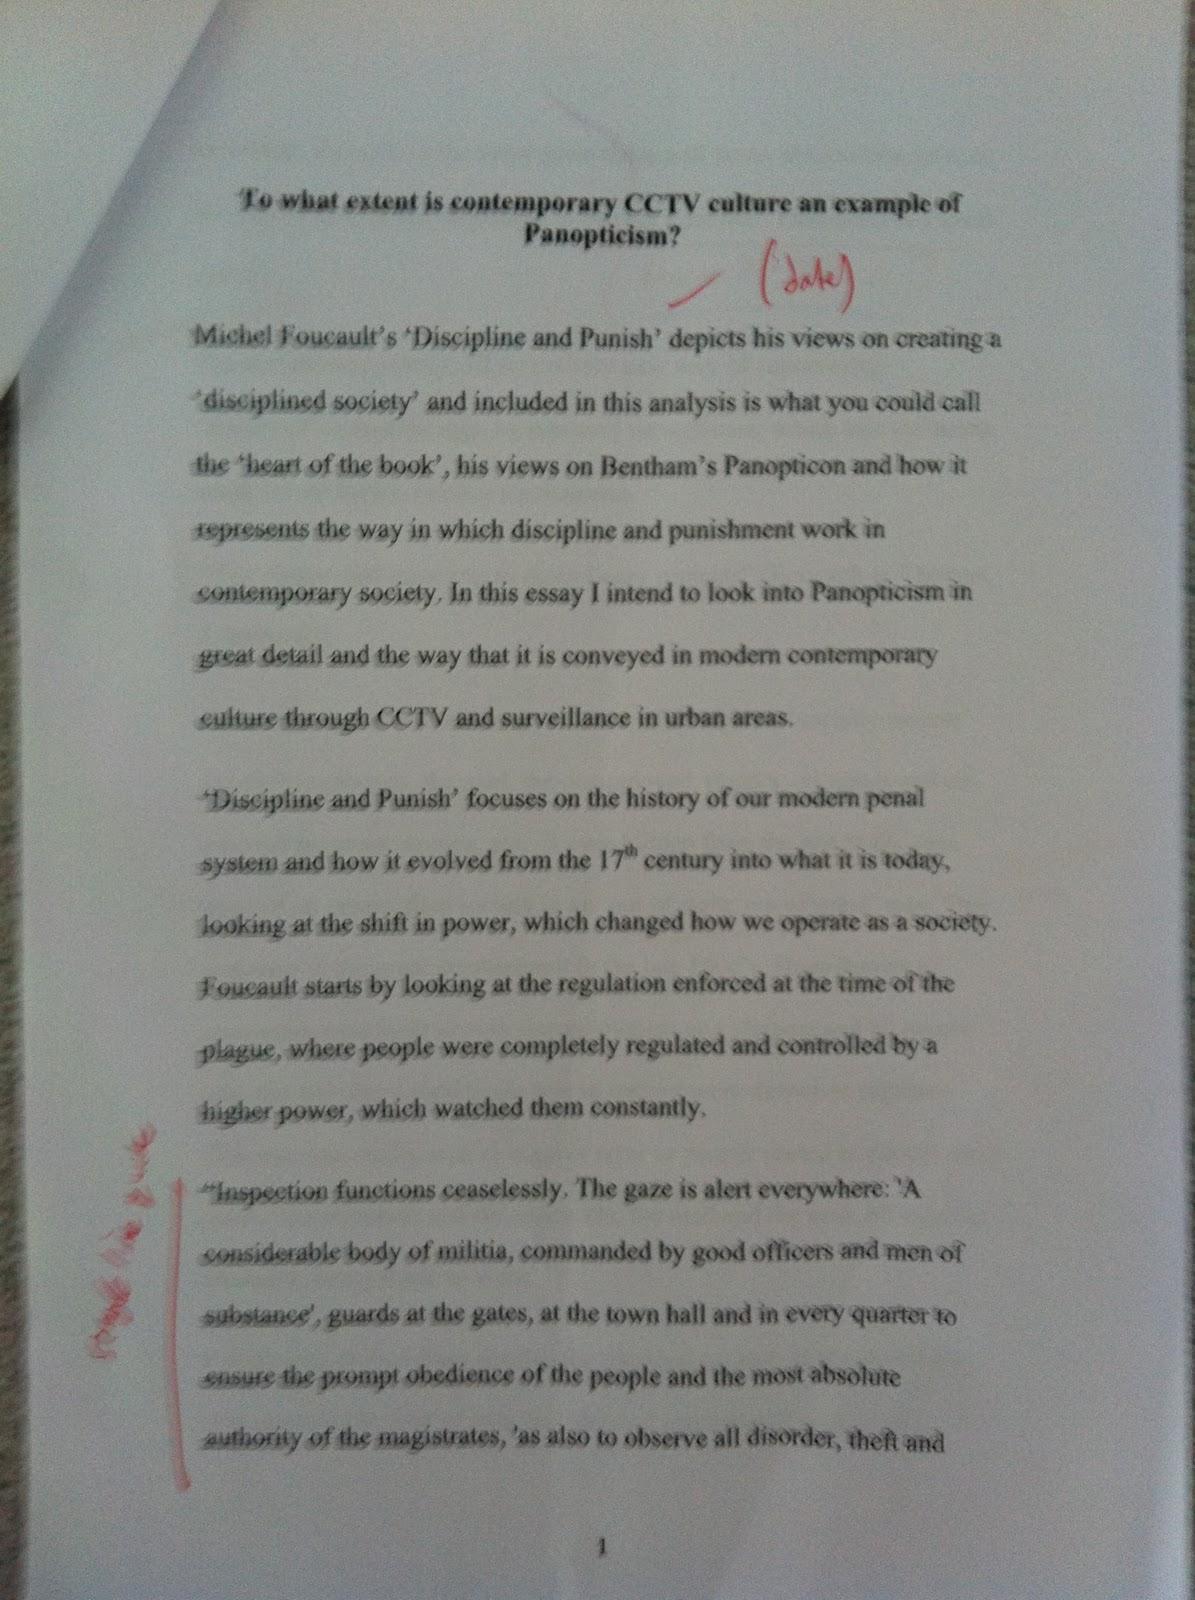 panopticism by michel foucault essay